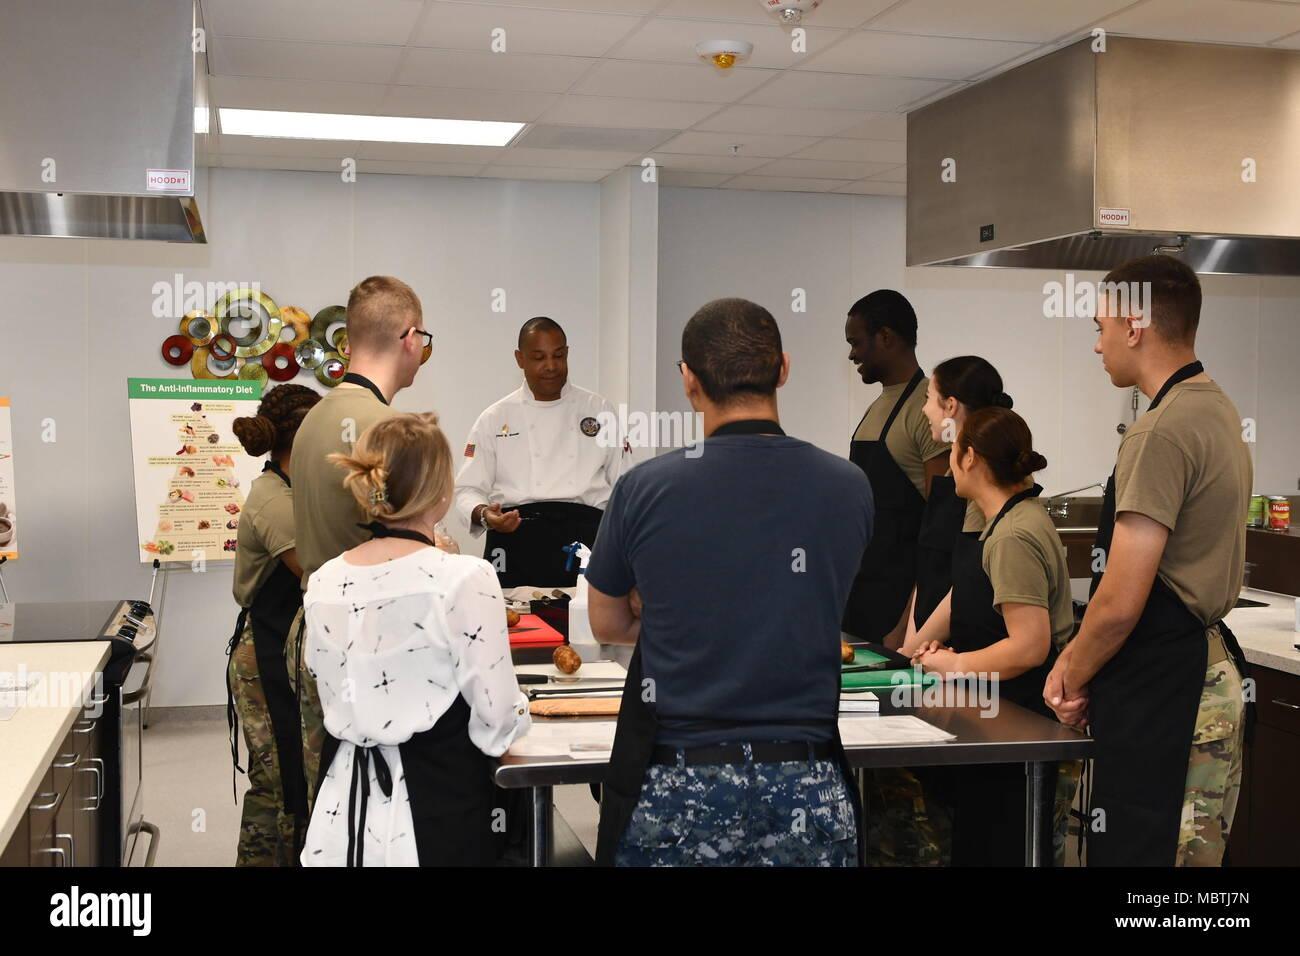 Charmant Kücheentwerfer Jobs Houston Tx Bilder - Ideen Für Die Küche ...